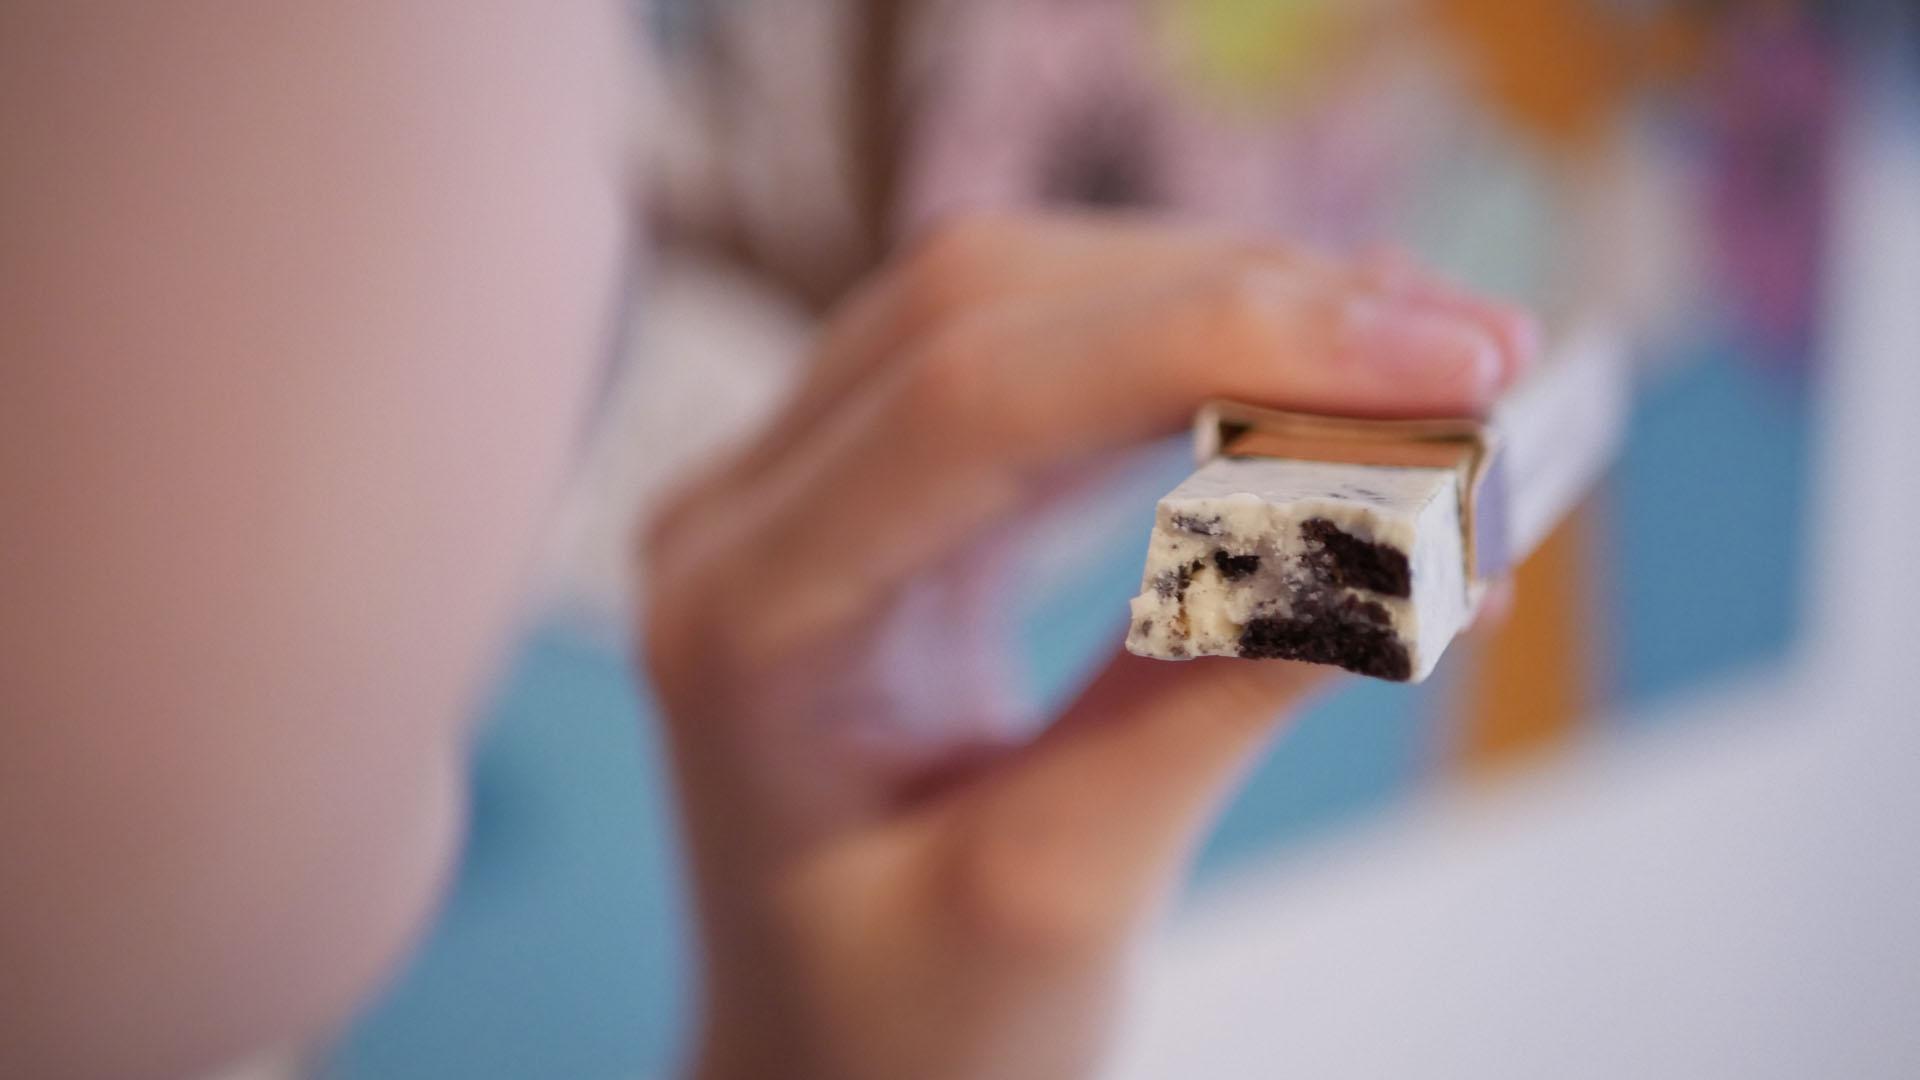 Tableta de chocolate Artekao en mano de consumidor